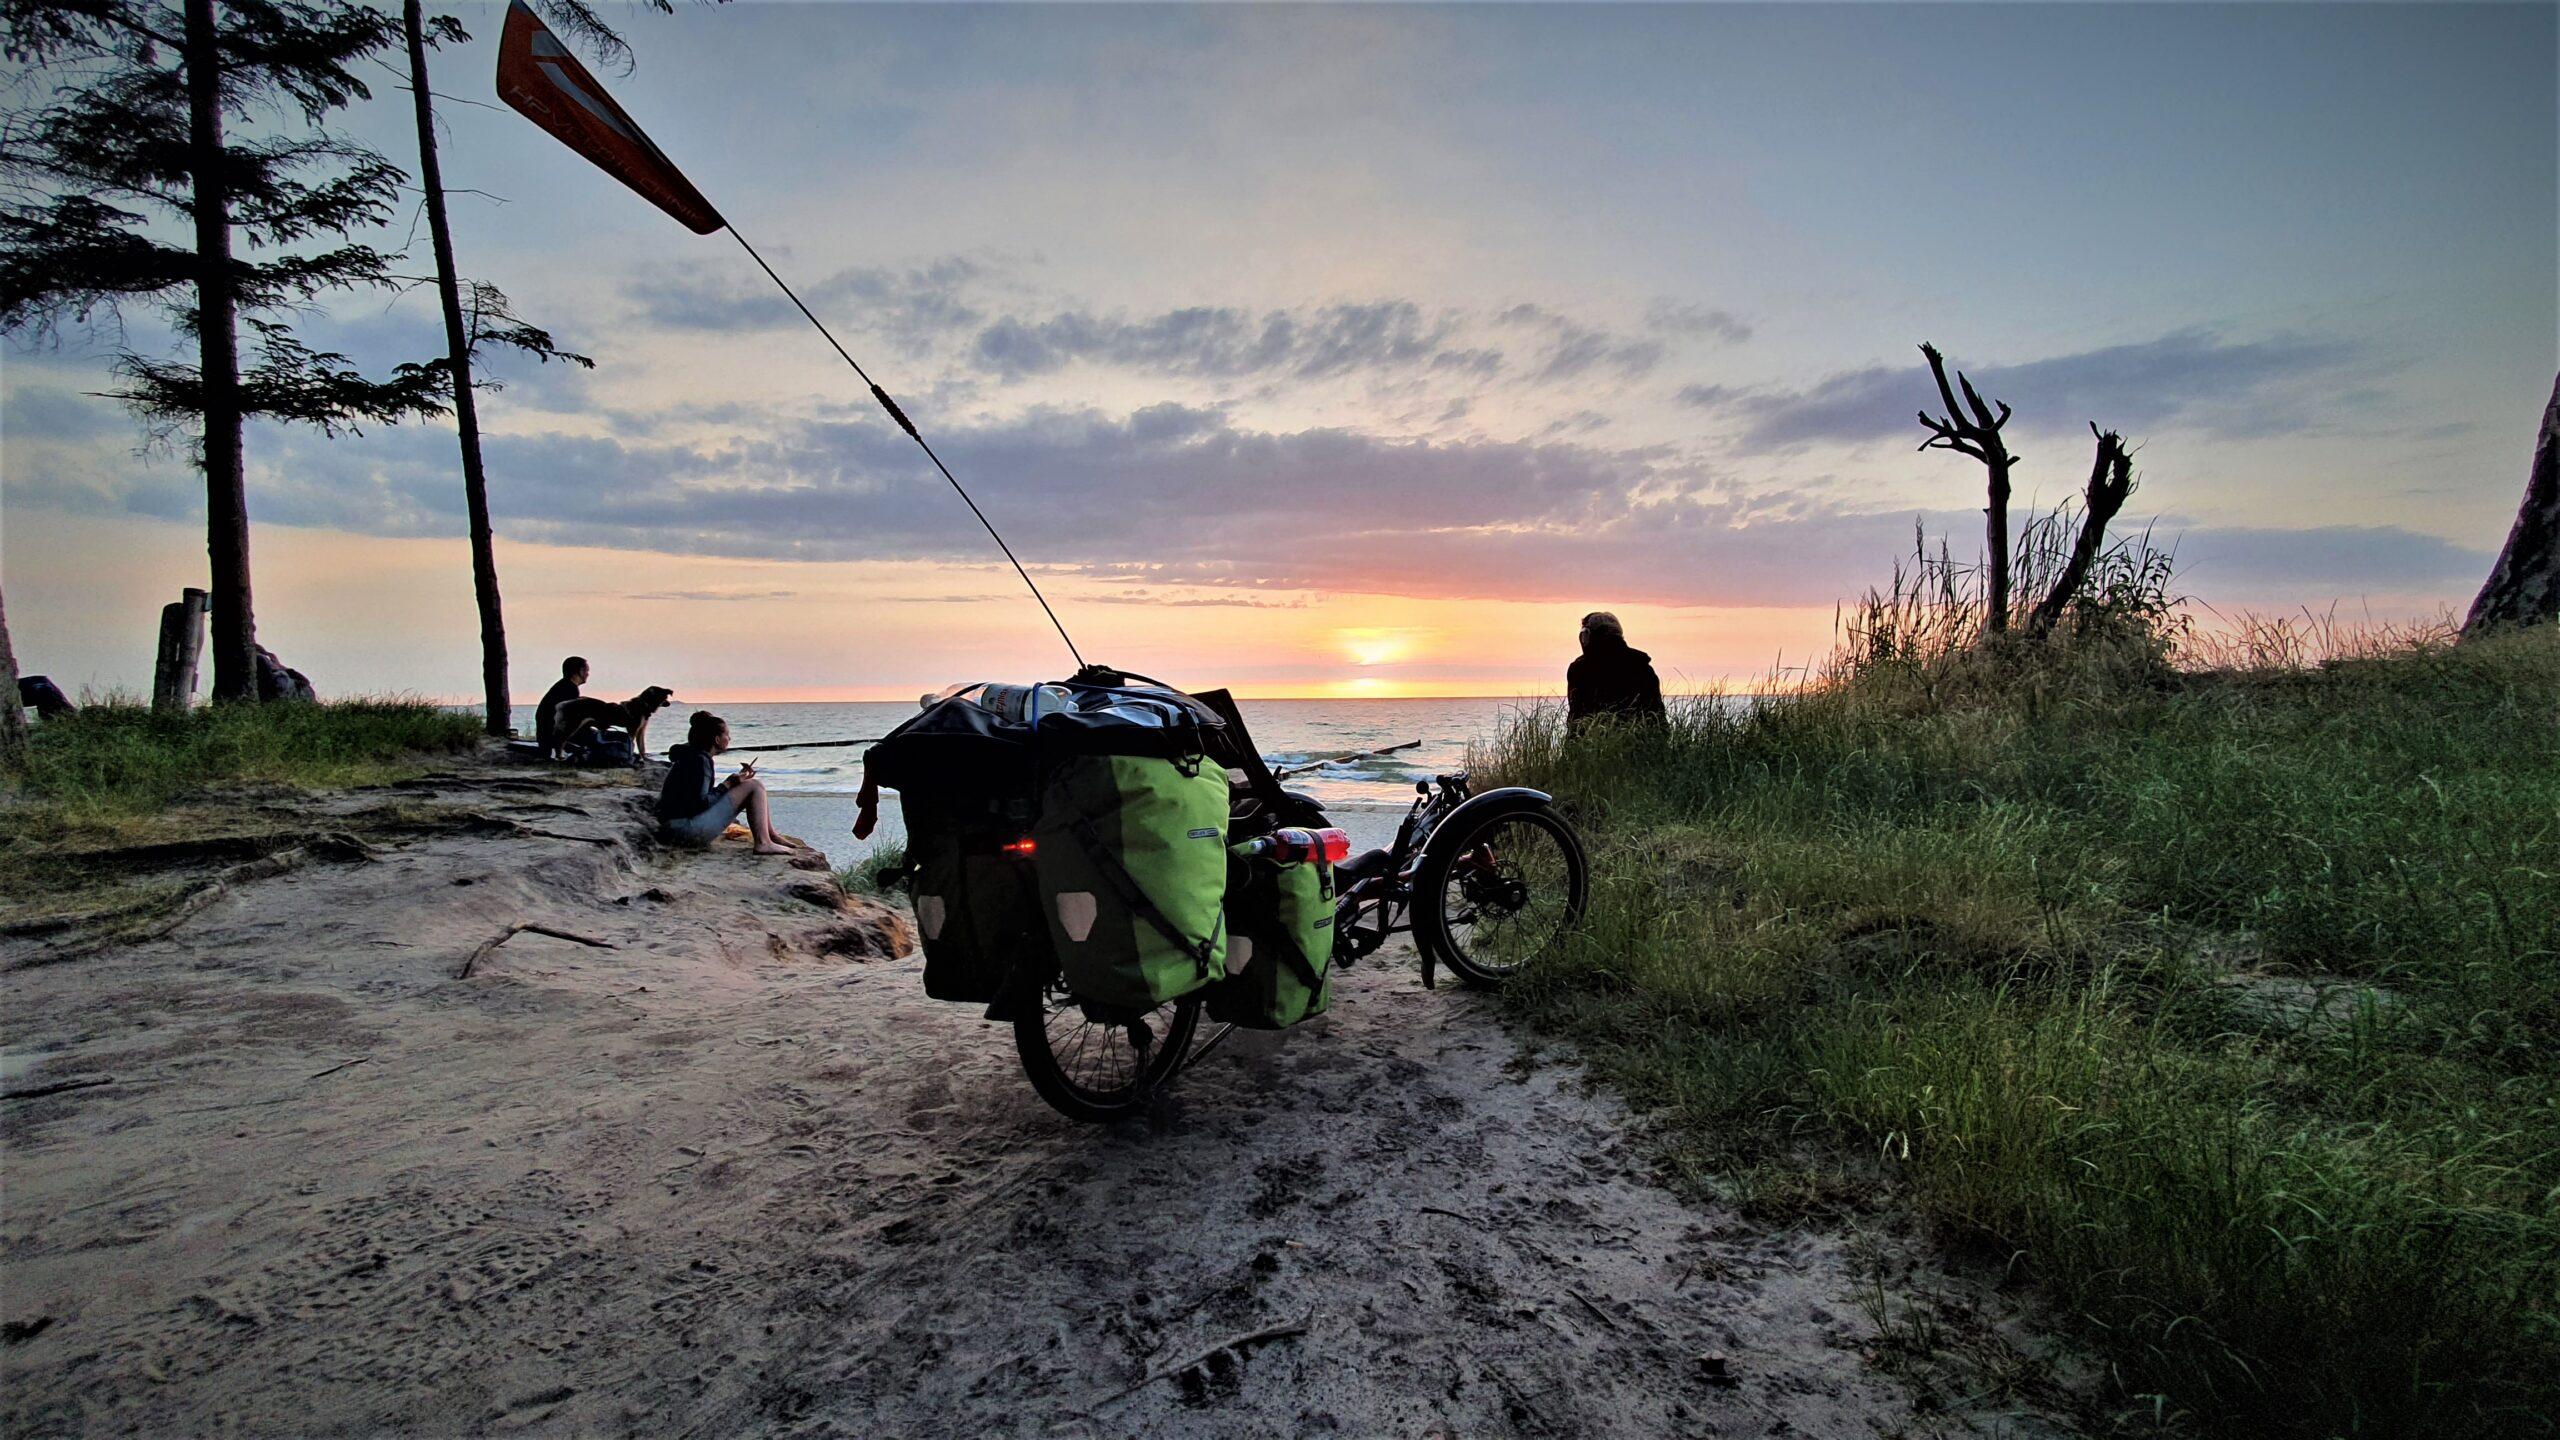 wyprawa rowerowa ile km dziennie, Wyprawa rowerowa Niemcy-Dania-Szwecja na trajce!